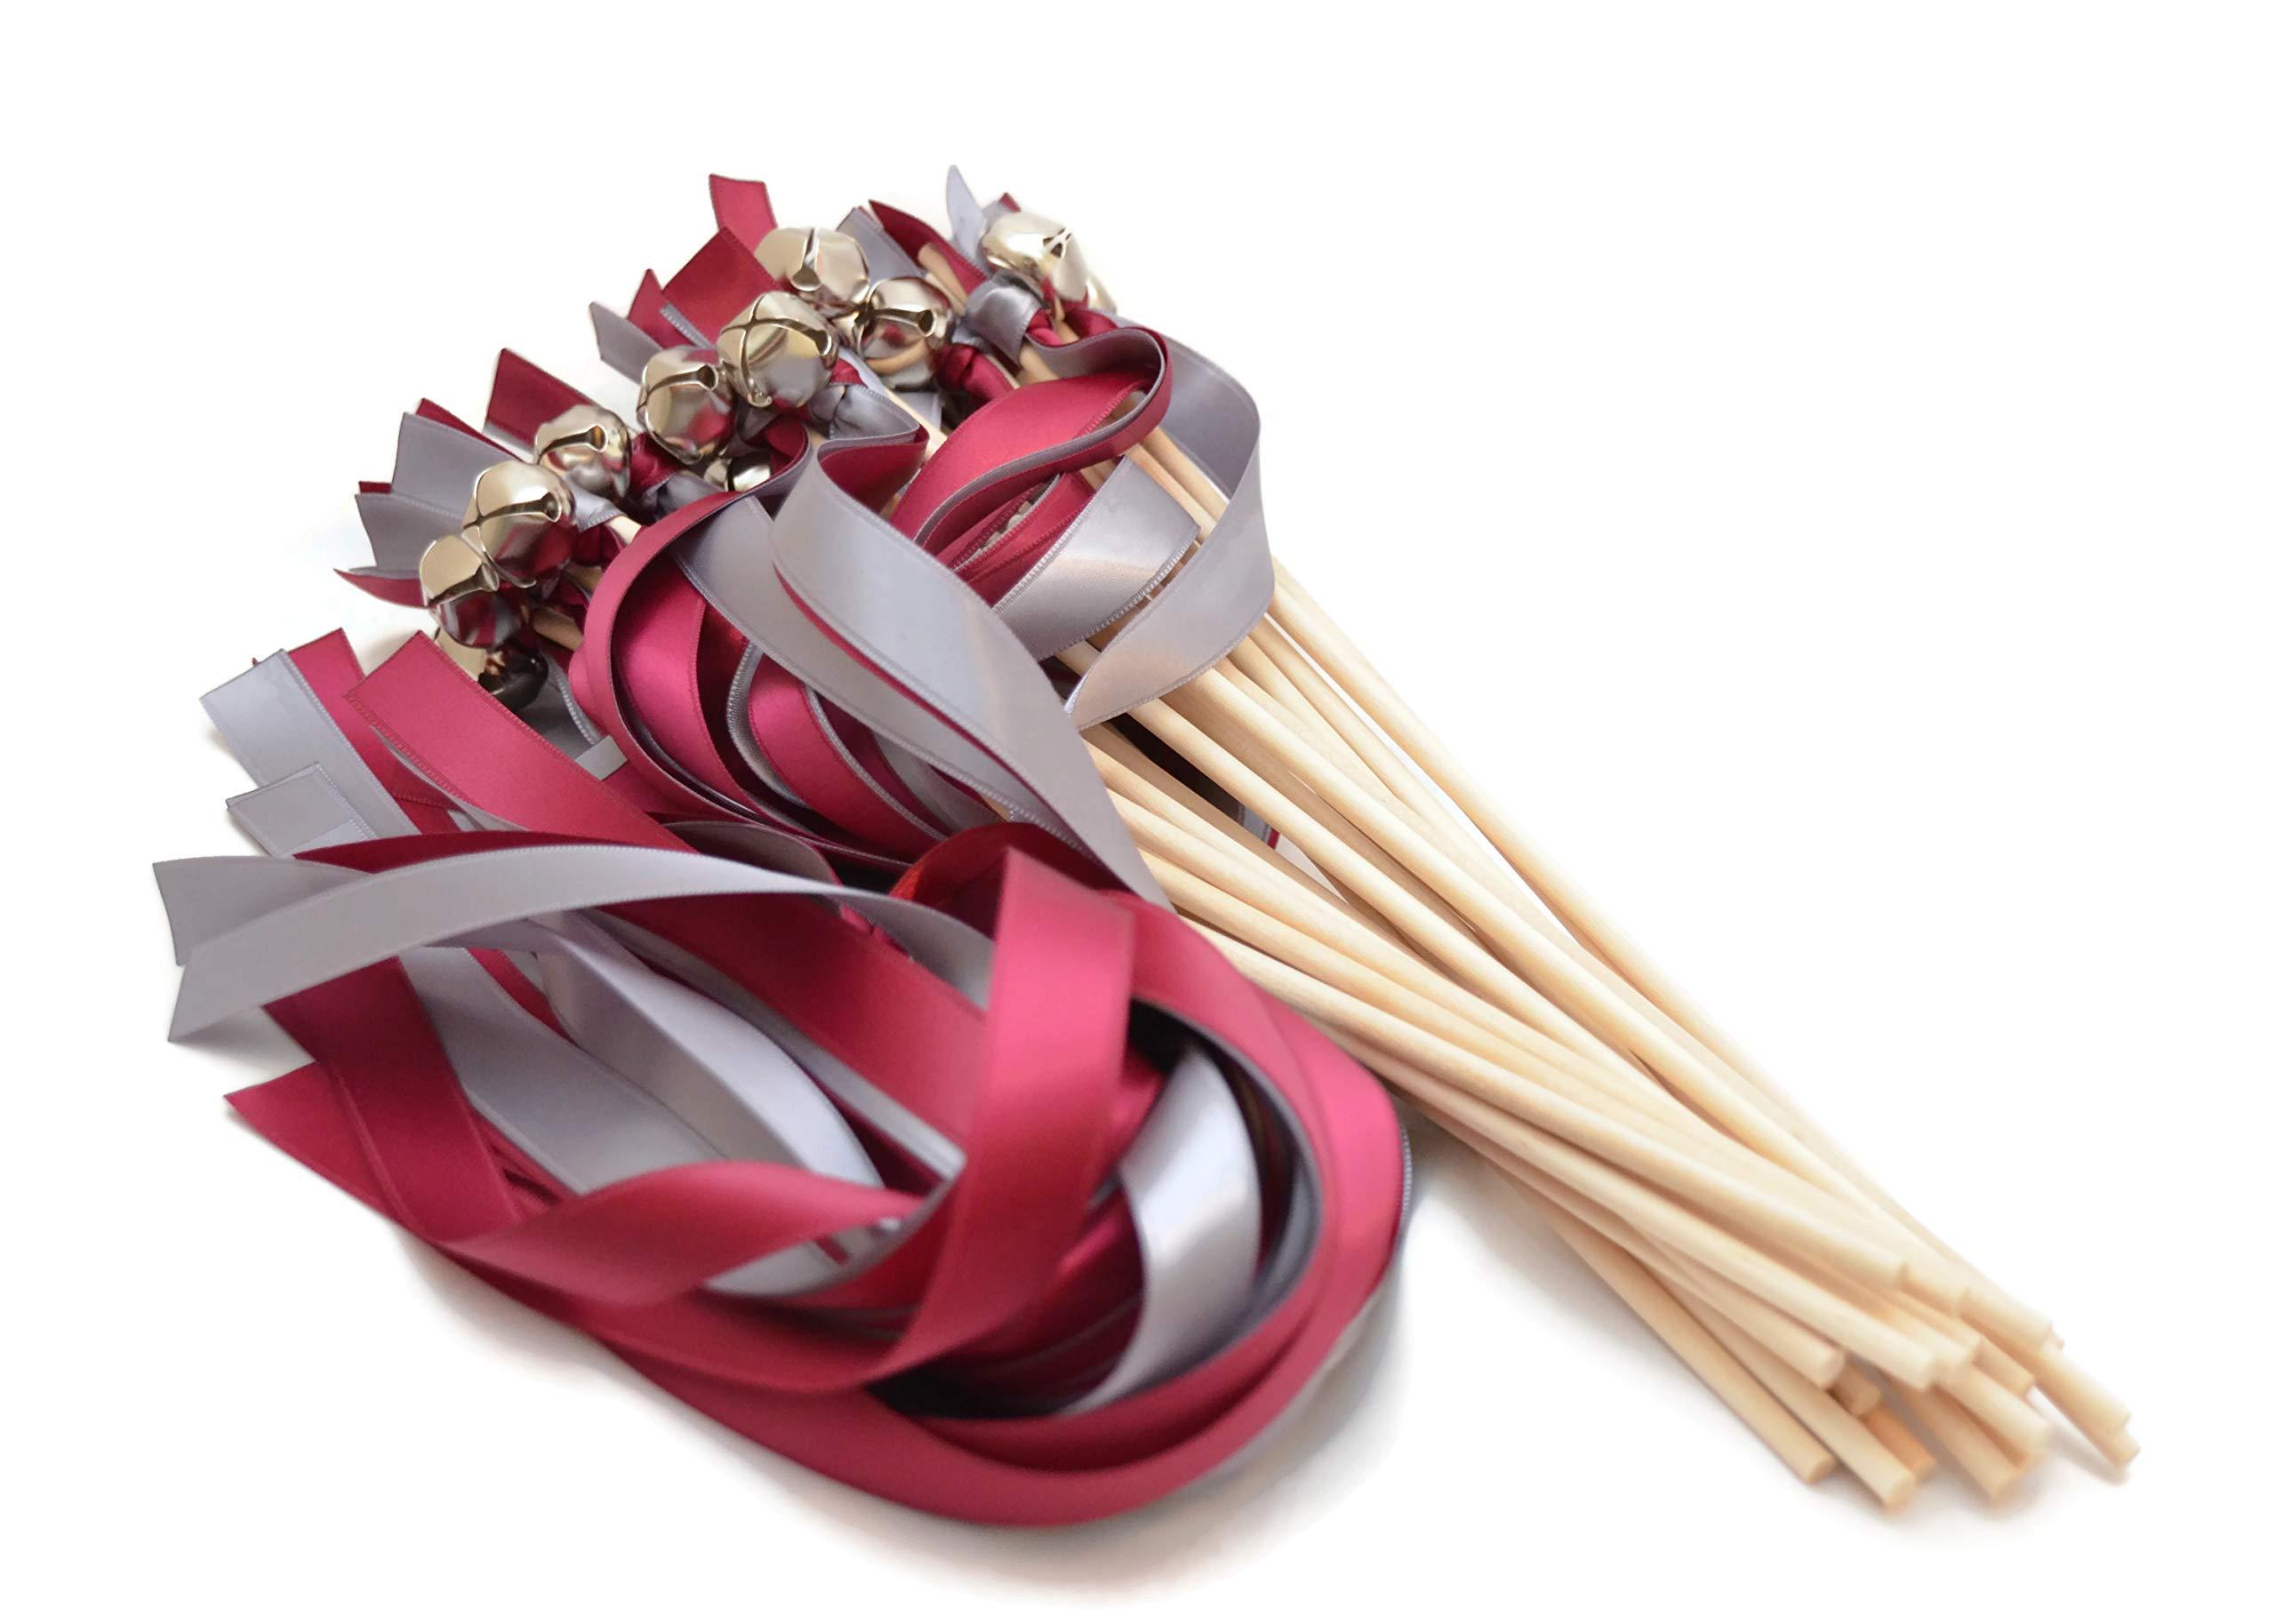 100 Wine & Mercury Grey Ribbon Silver Bell Wedding Wands #DivinityBraid #SendOffBells #WeddingWands #Wedding #Favors #CeremonySendOff #Party #KissingBells #RibbonWands by Divinity Braid by ASV Weddings